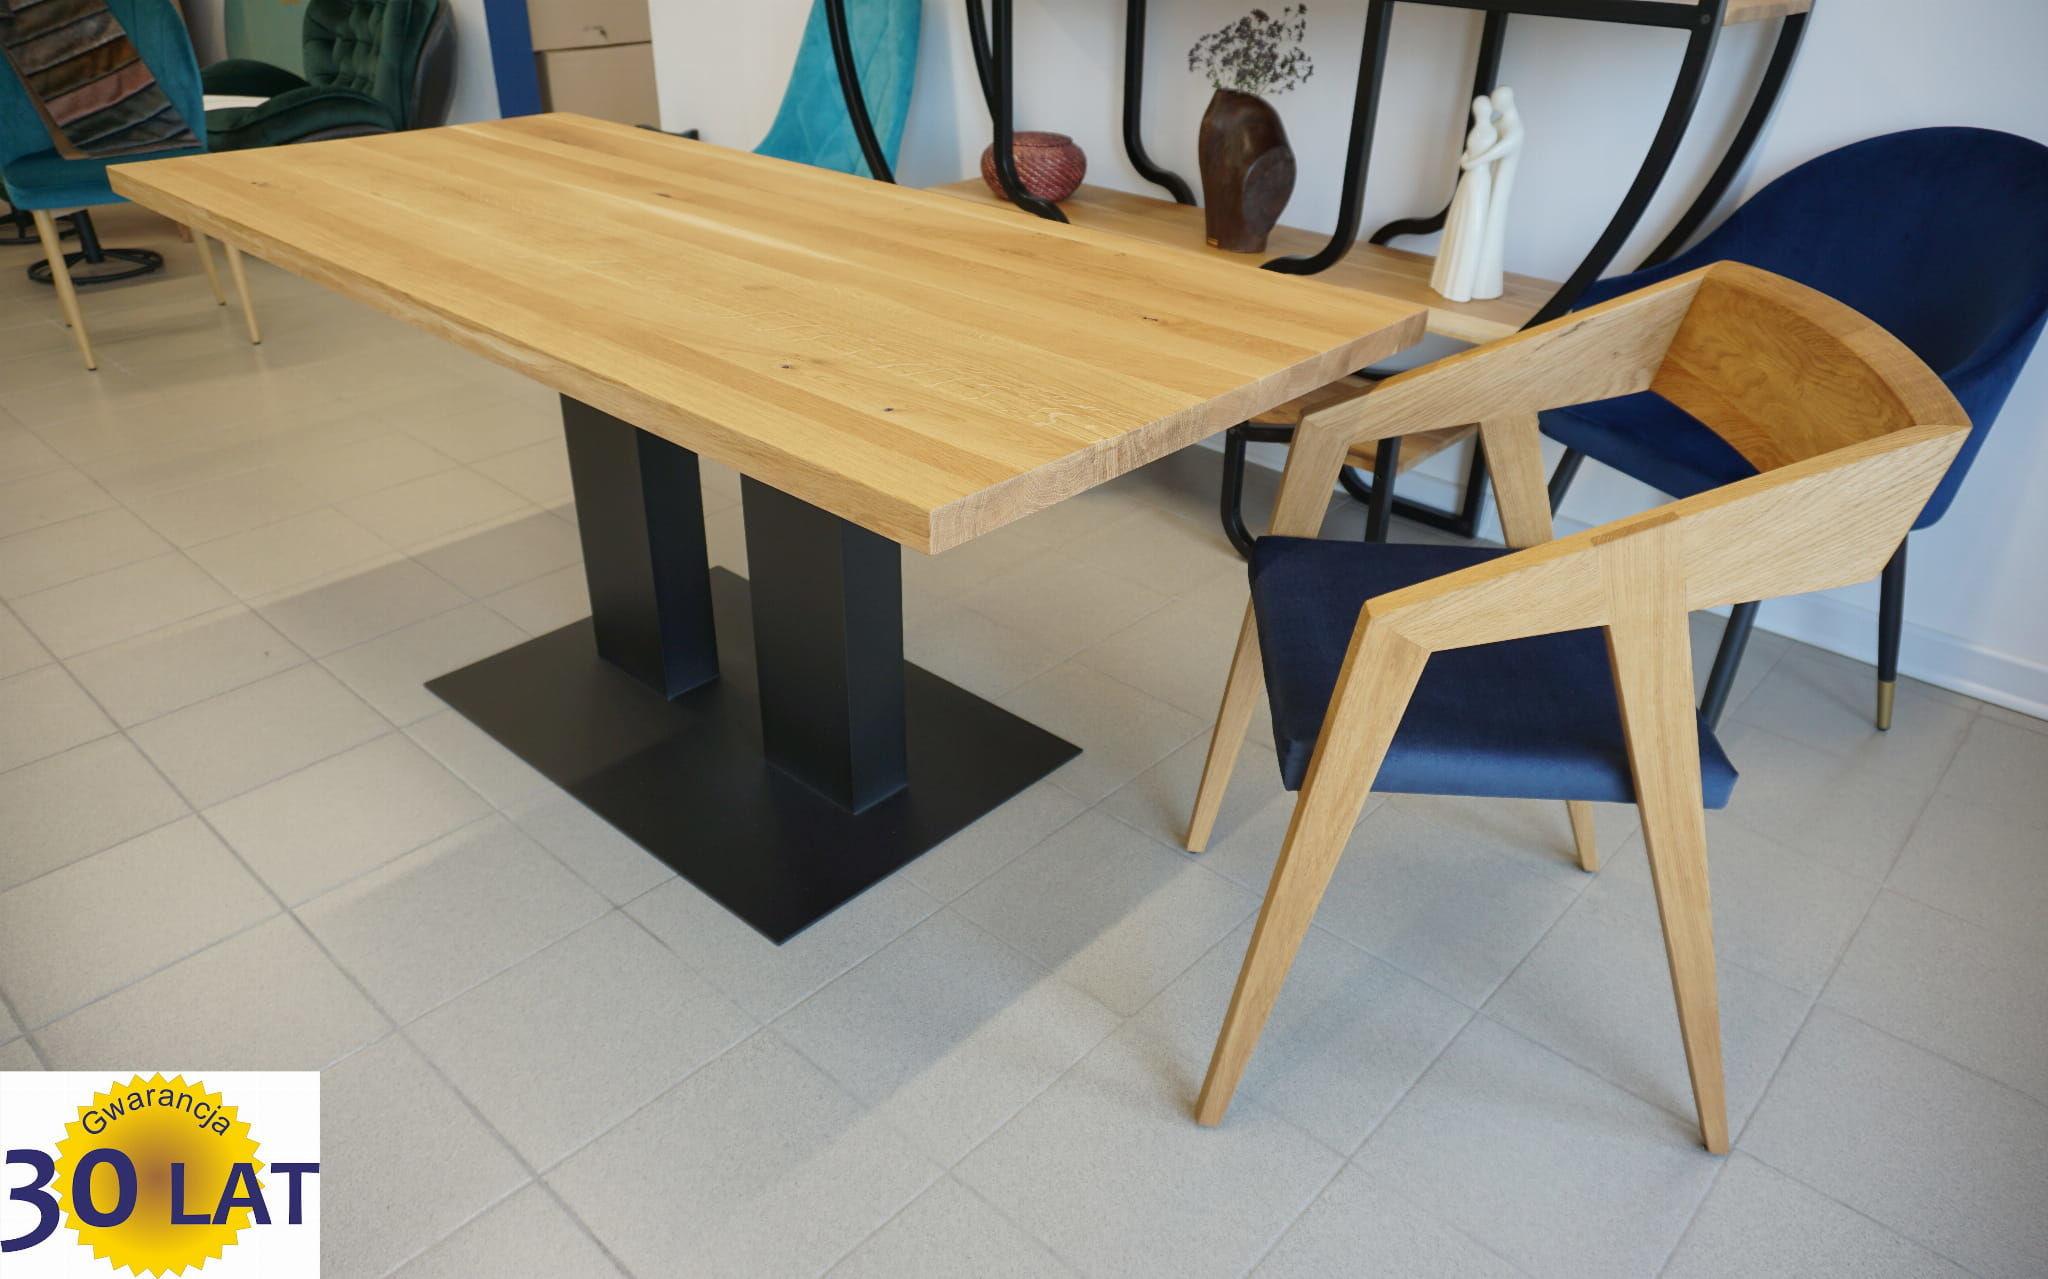 Stół dębowy lite drewno STEELO Industrial Loft nogi stalowe